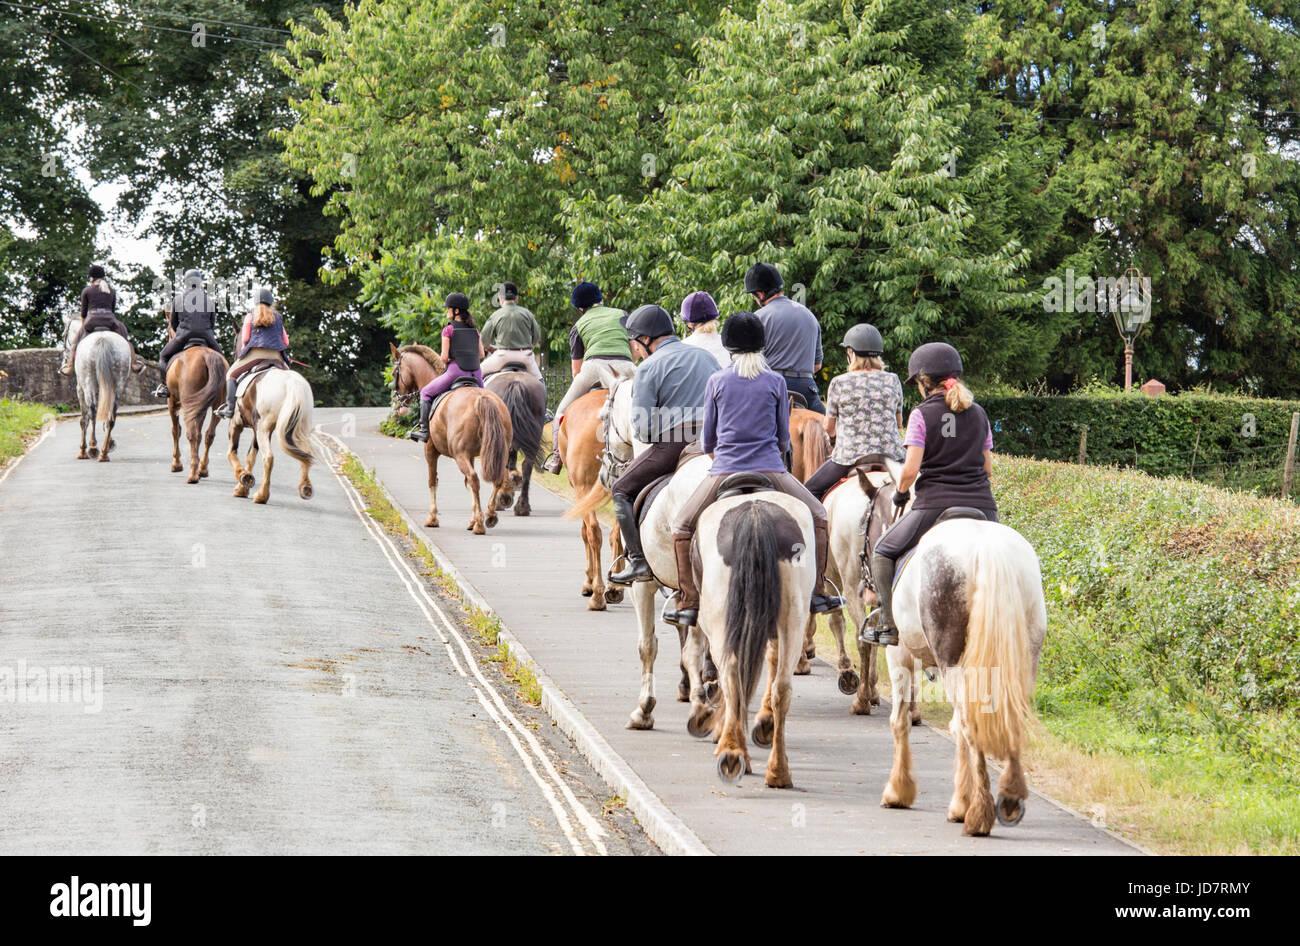 Horse riding, England, UK - Stock Image